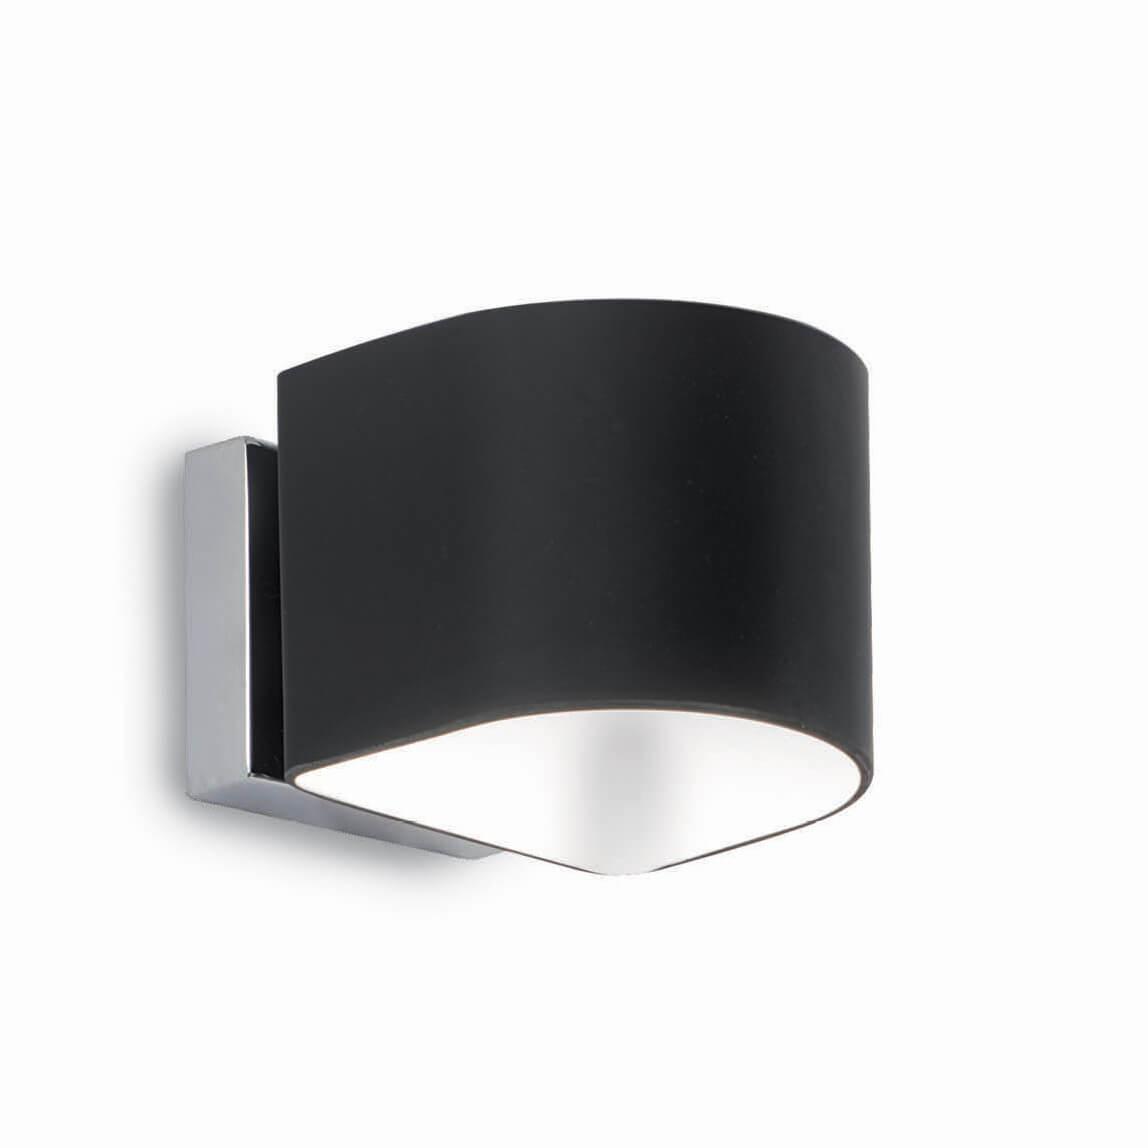 цена на Настенный светильник Ideal Lux Puzzle AP1 Nero